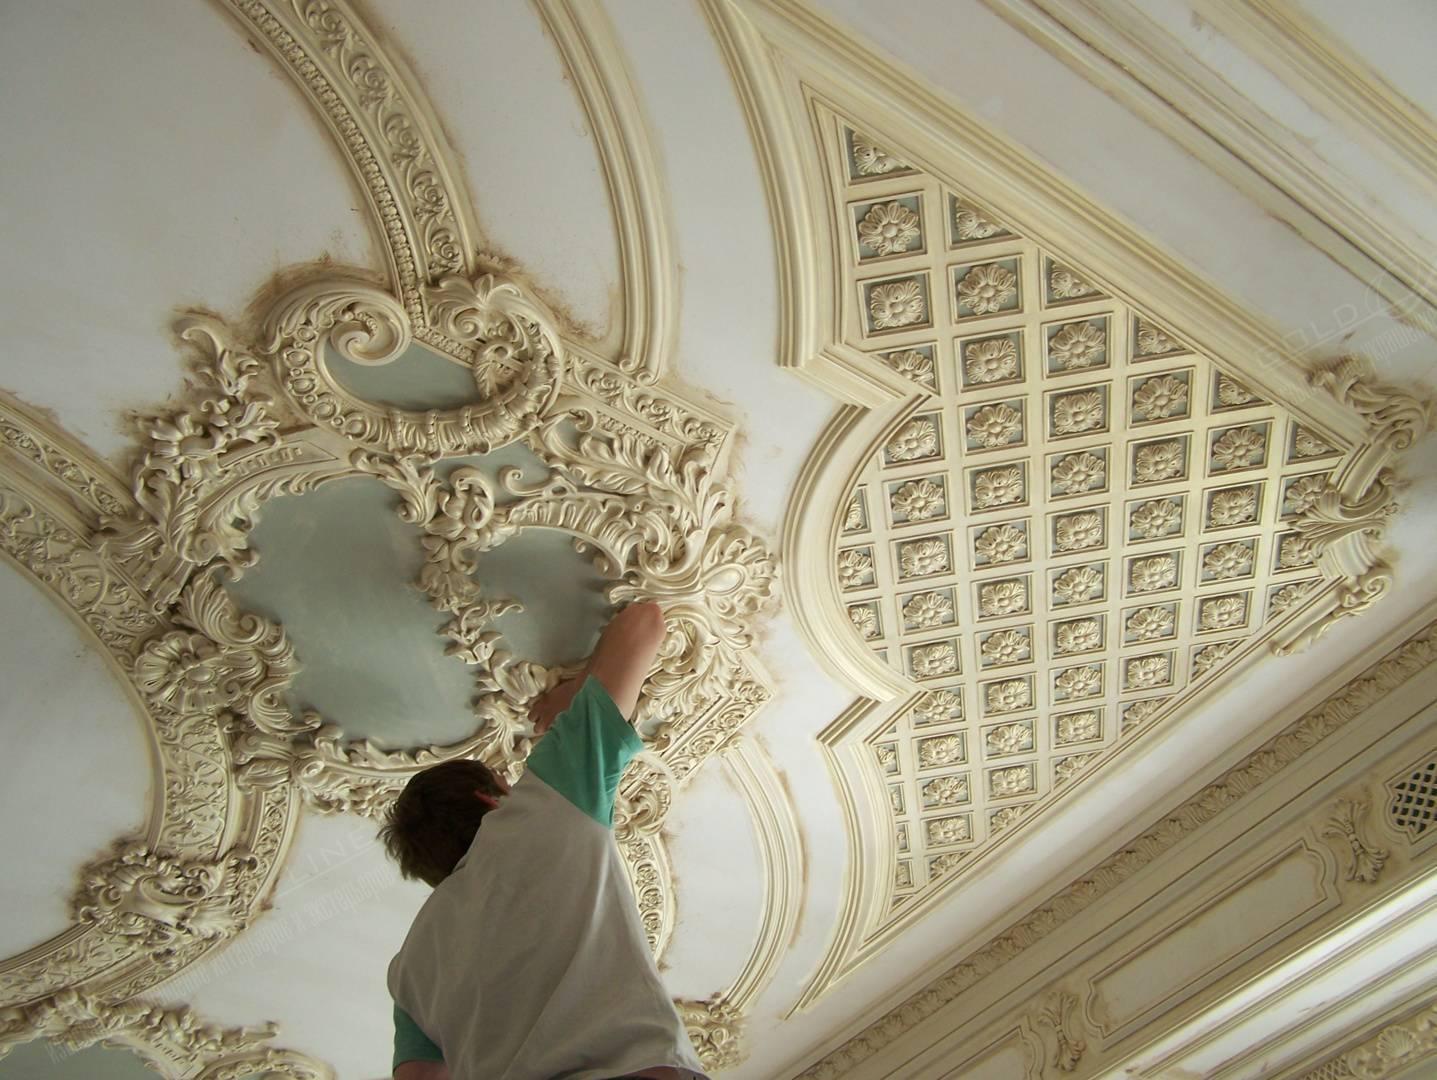 Лепнина на потолке из полиуретана своими руками: отделка плинтуса и дизайн, фото и видео инструкция